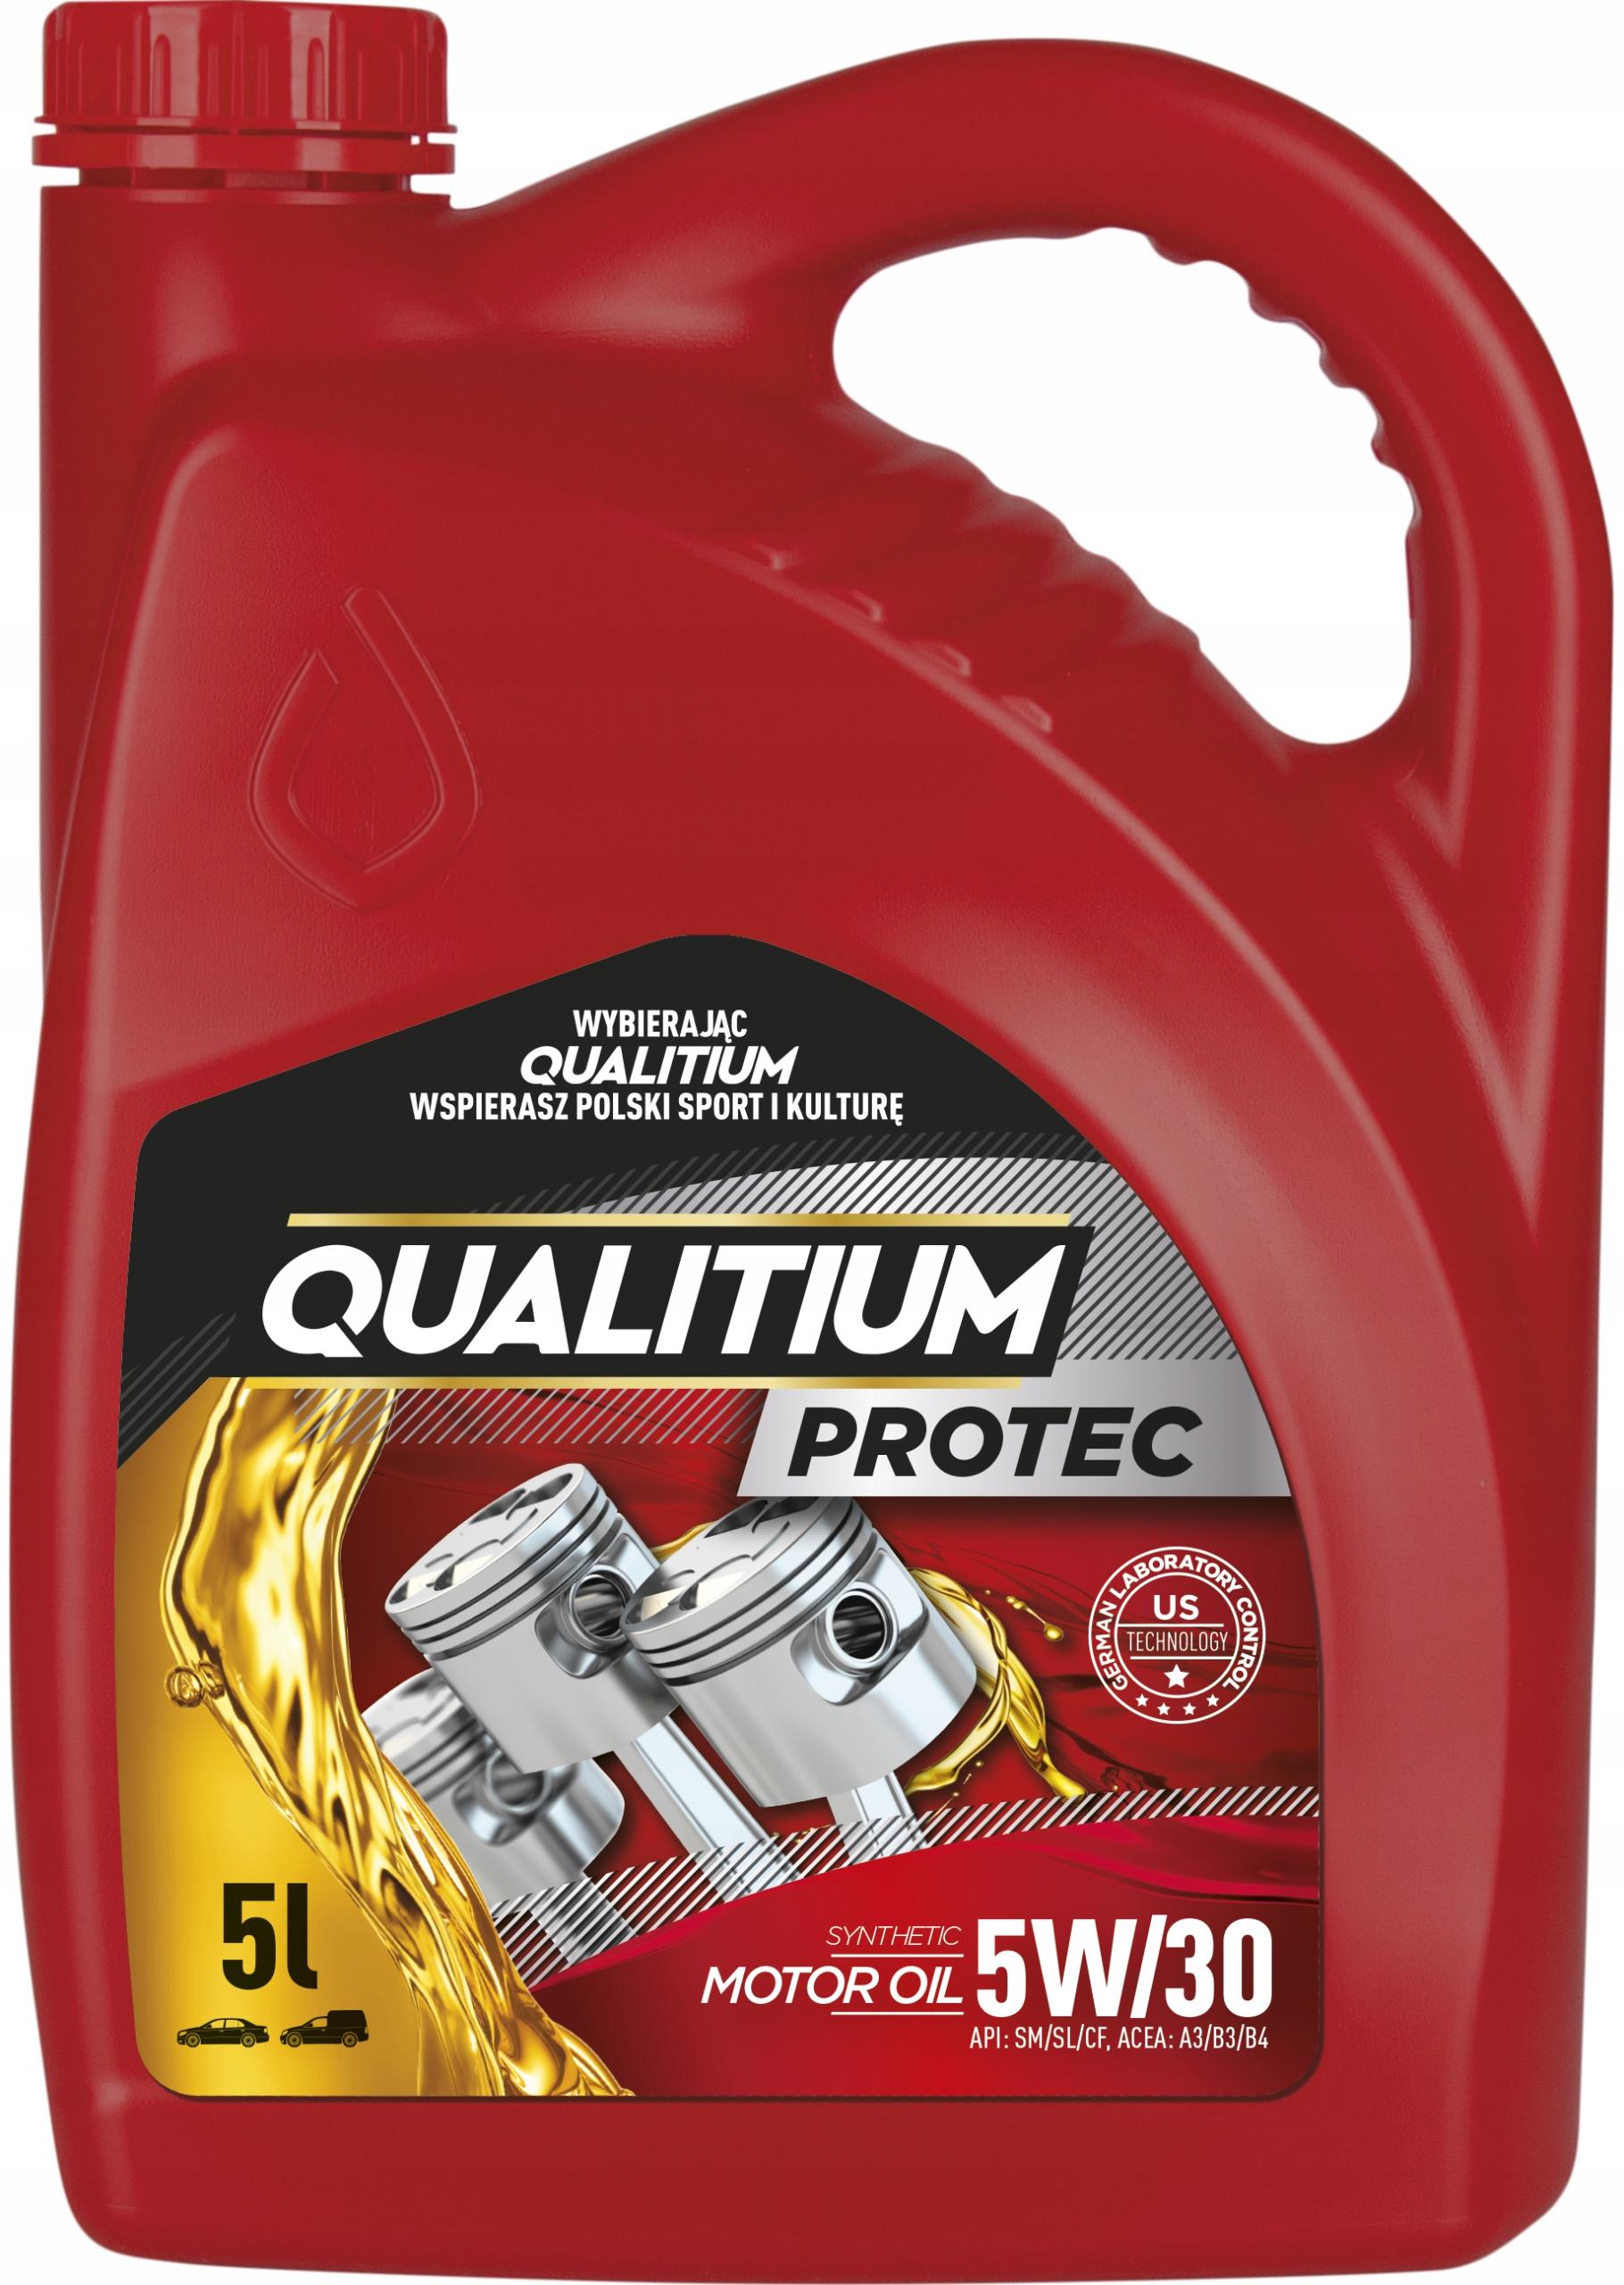 Синтетическое масло QUALITIUM PROTEC 5W30 5L